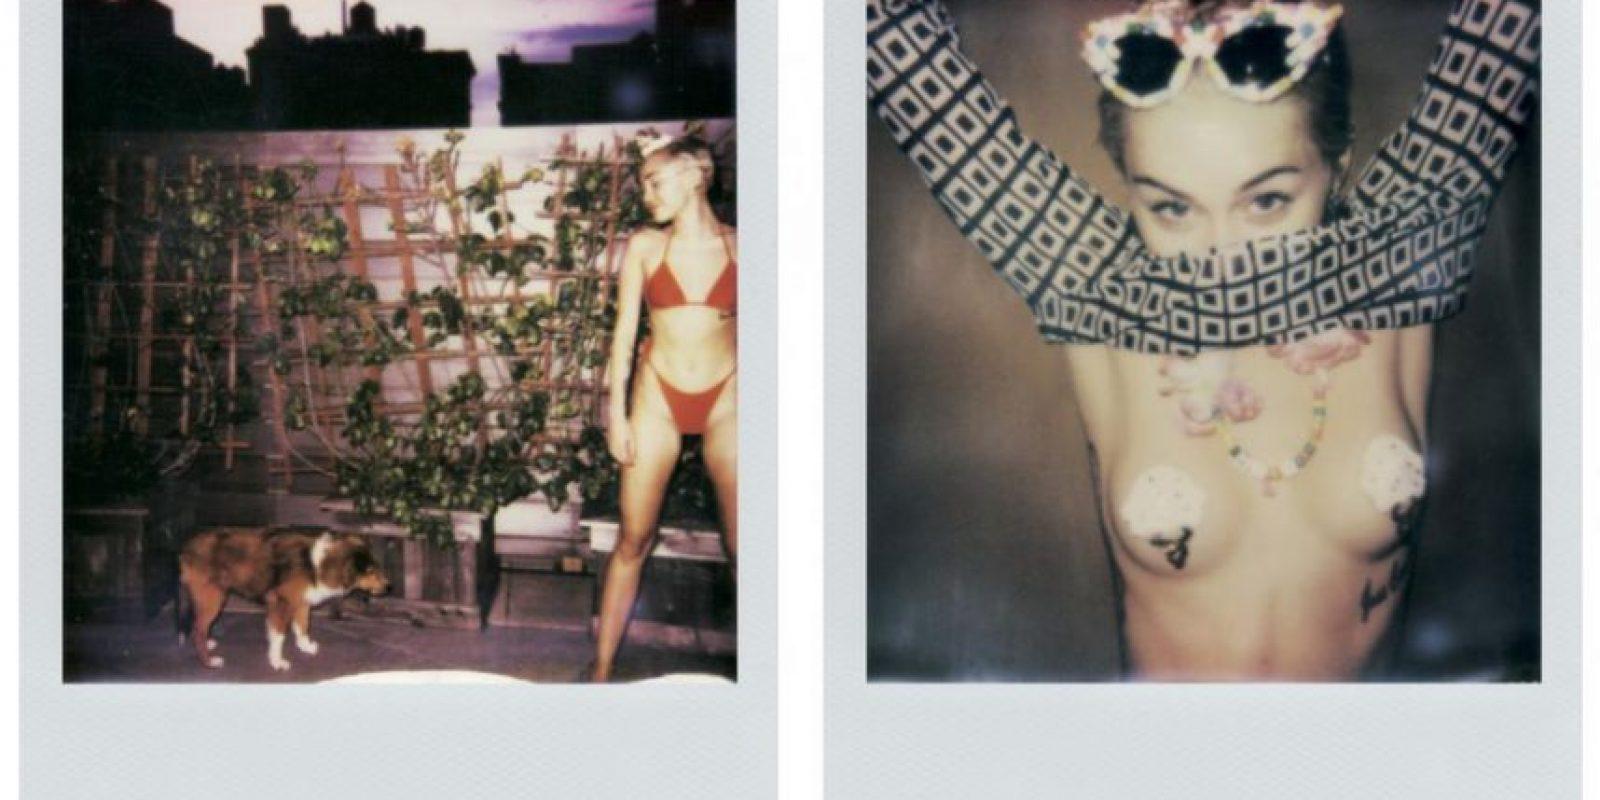 """Ahora la controversial artista muestra unas imágenes personales en la revista """"V"""" donde se deja ver con muy poca ropa y muy sensual Foto:V Magazine"""